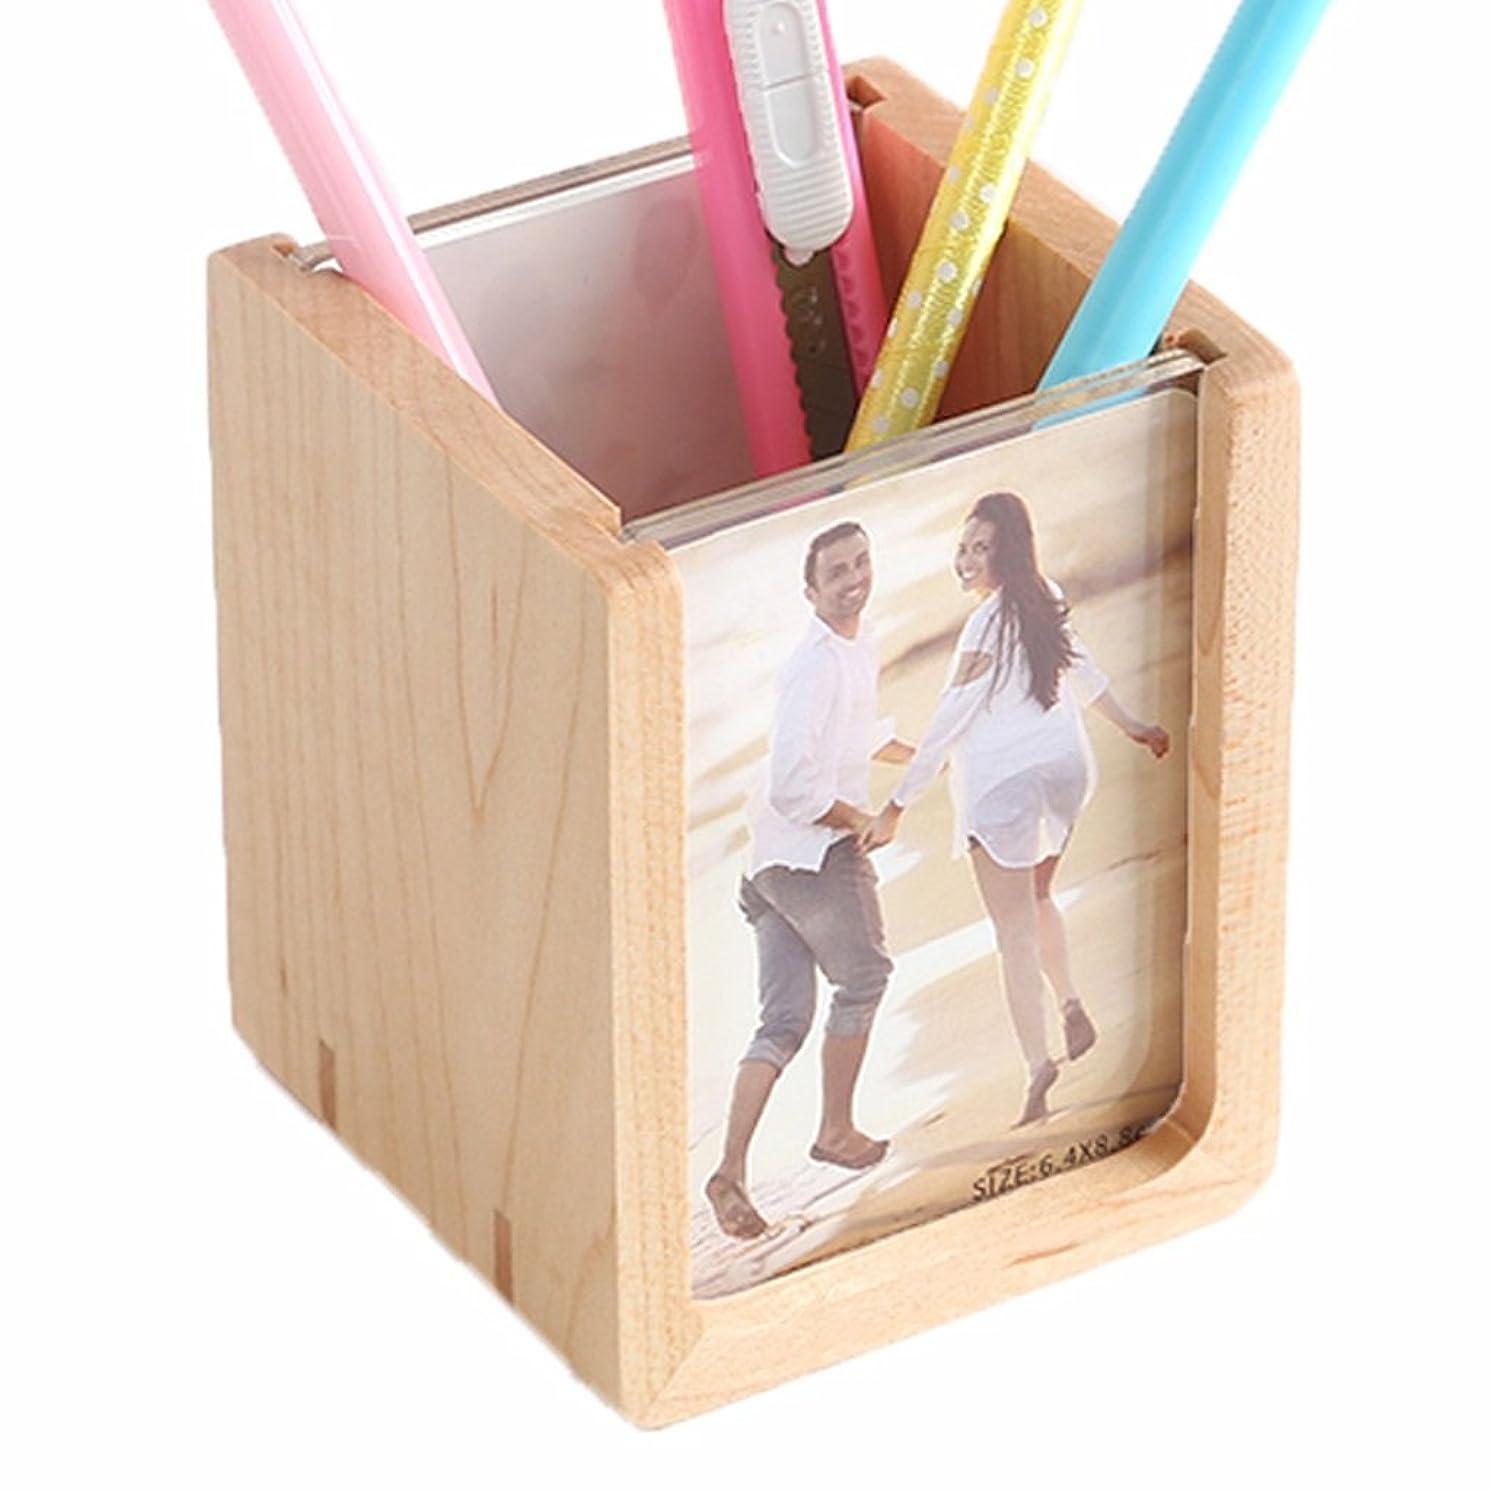 口頭不屈講師GWM クリエイティブファッション木製フォトフレームソリッドウッドデスクトップストレージボックスホリデーギフト小さな新鮮な装飾品